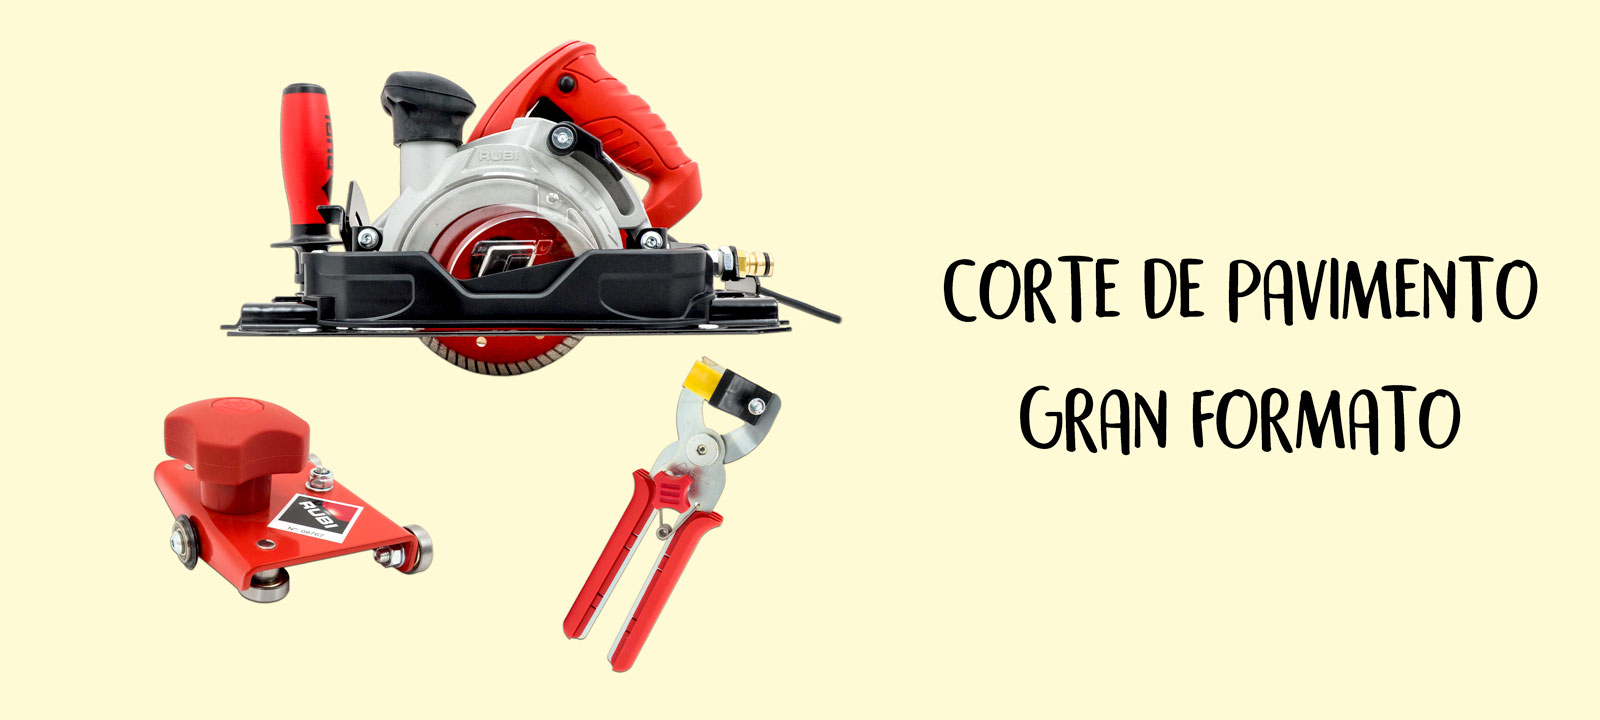 CORTE CERÁMICA GRAN FORMATO